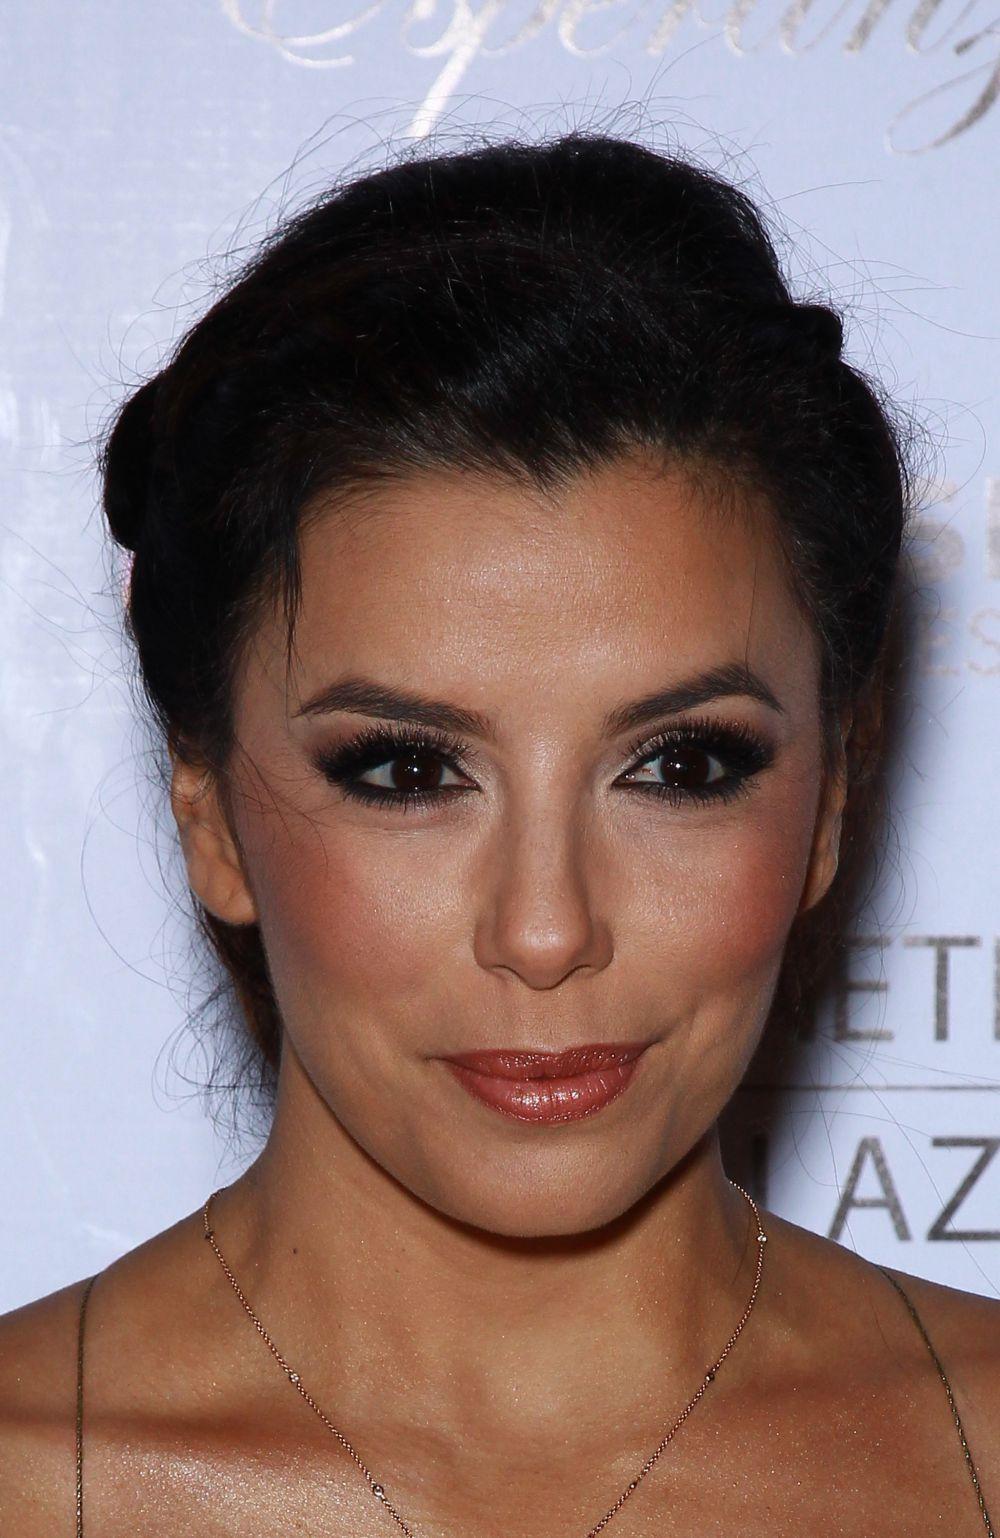 Ева Лонгория. Миндалевидную форму глазам можно придать, если сделать макияж глаз, как у Евы Лонгории. Не отказалась актриса и от накладных ресниц, которые придали взгляду открытость